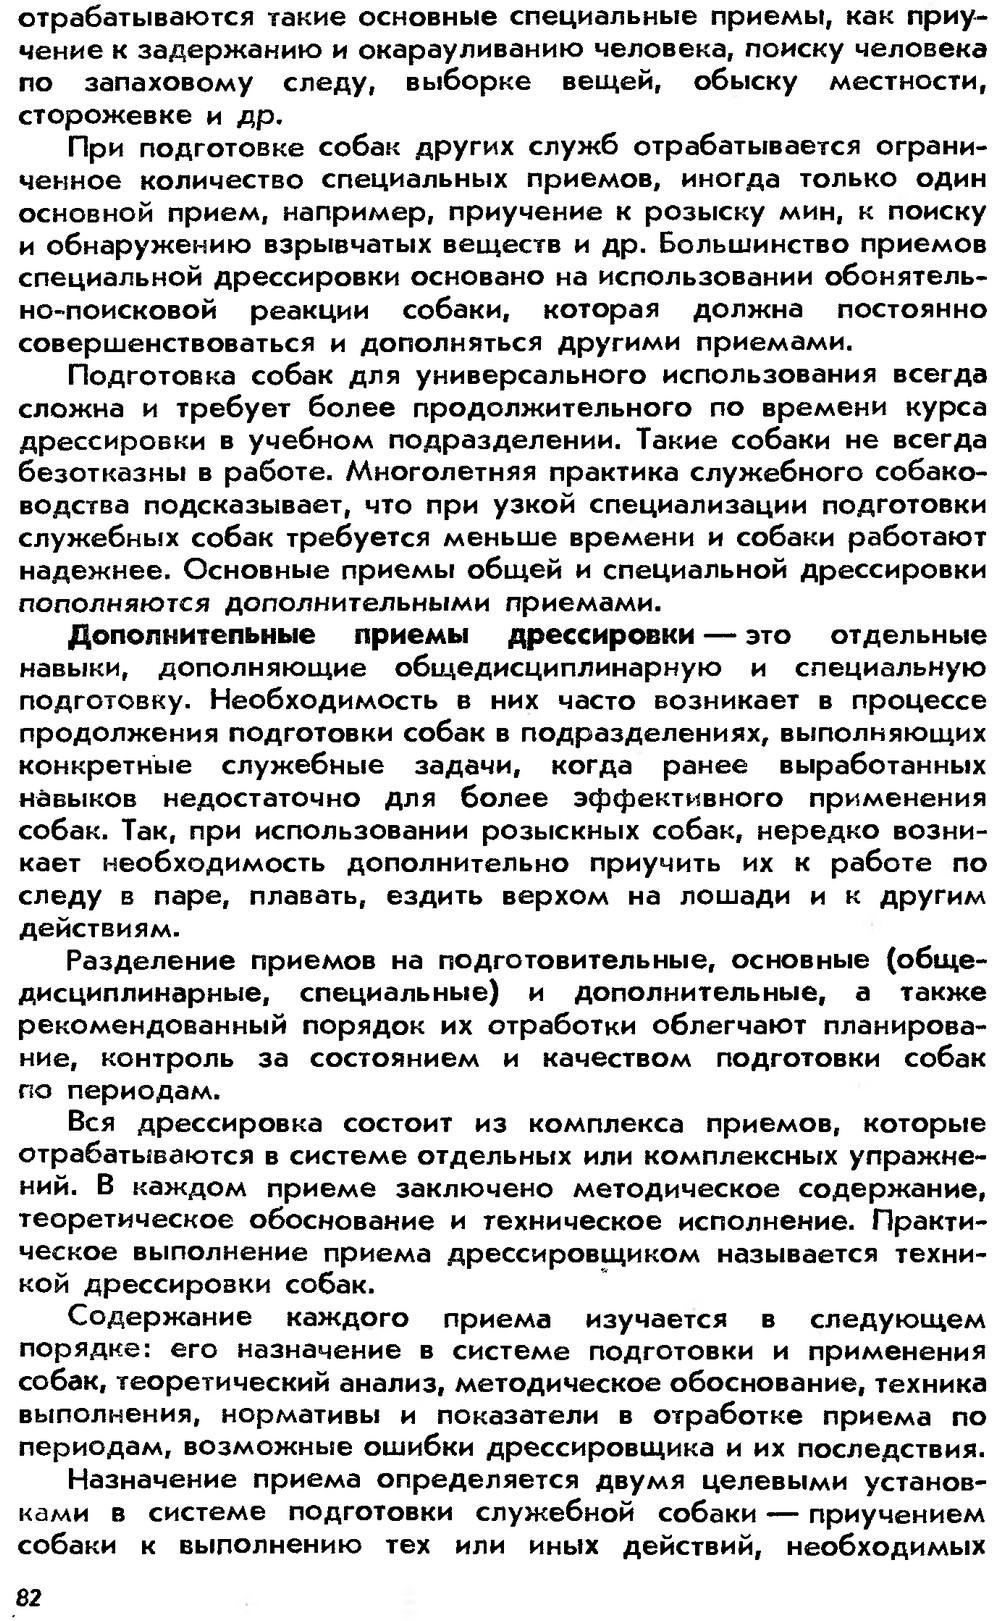 http://i1.imageban.ru/out/2014/01/15/b6d1177d1f74413984a454ede5978997.jpg